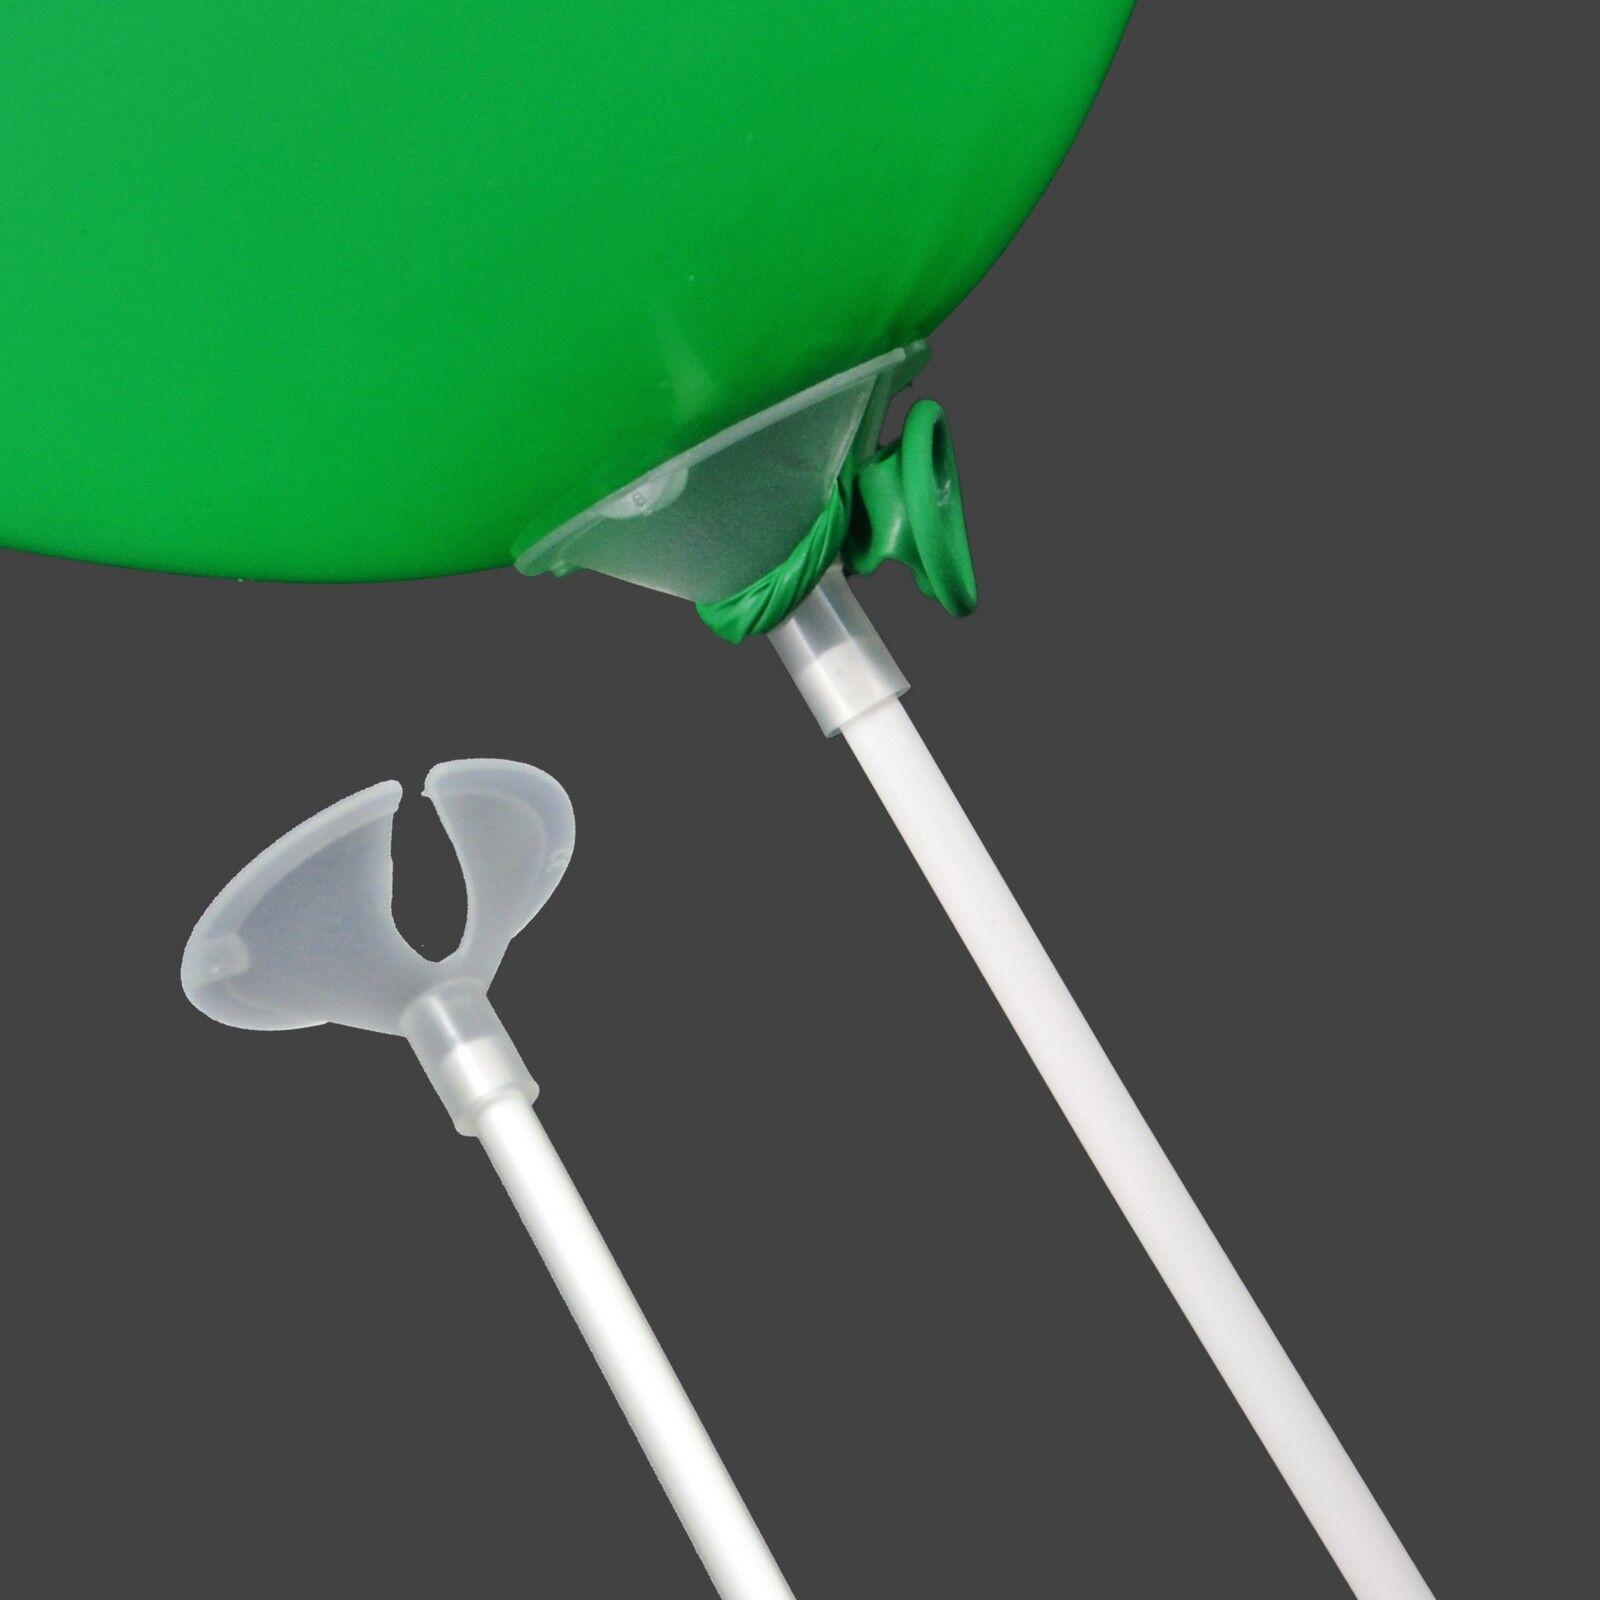 1000 Luftballon Stäbe Ballonhalter Ballonstäbe Luftballonhalter Kunststoffstäbe | Billiger als der Preis  | Gewinnen Sie das Lob der Kunden